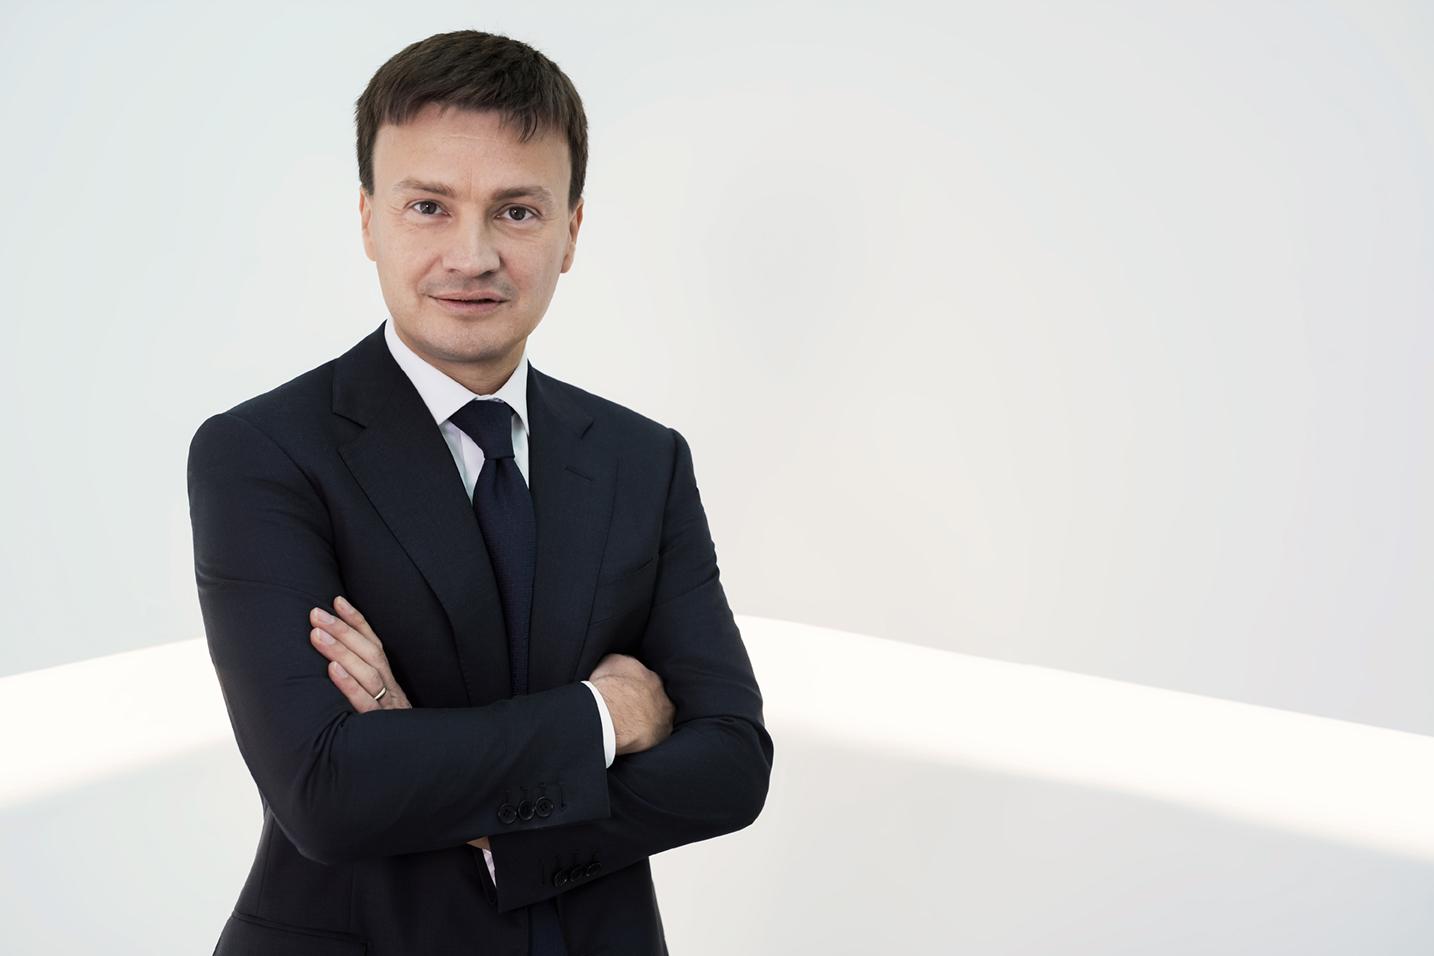 Gian Maria Mossa di Banca Generali: il ruggito del Leone